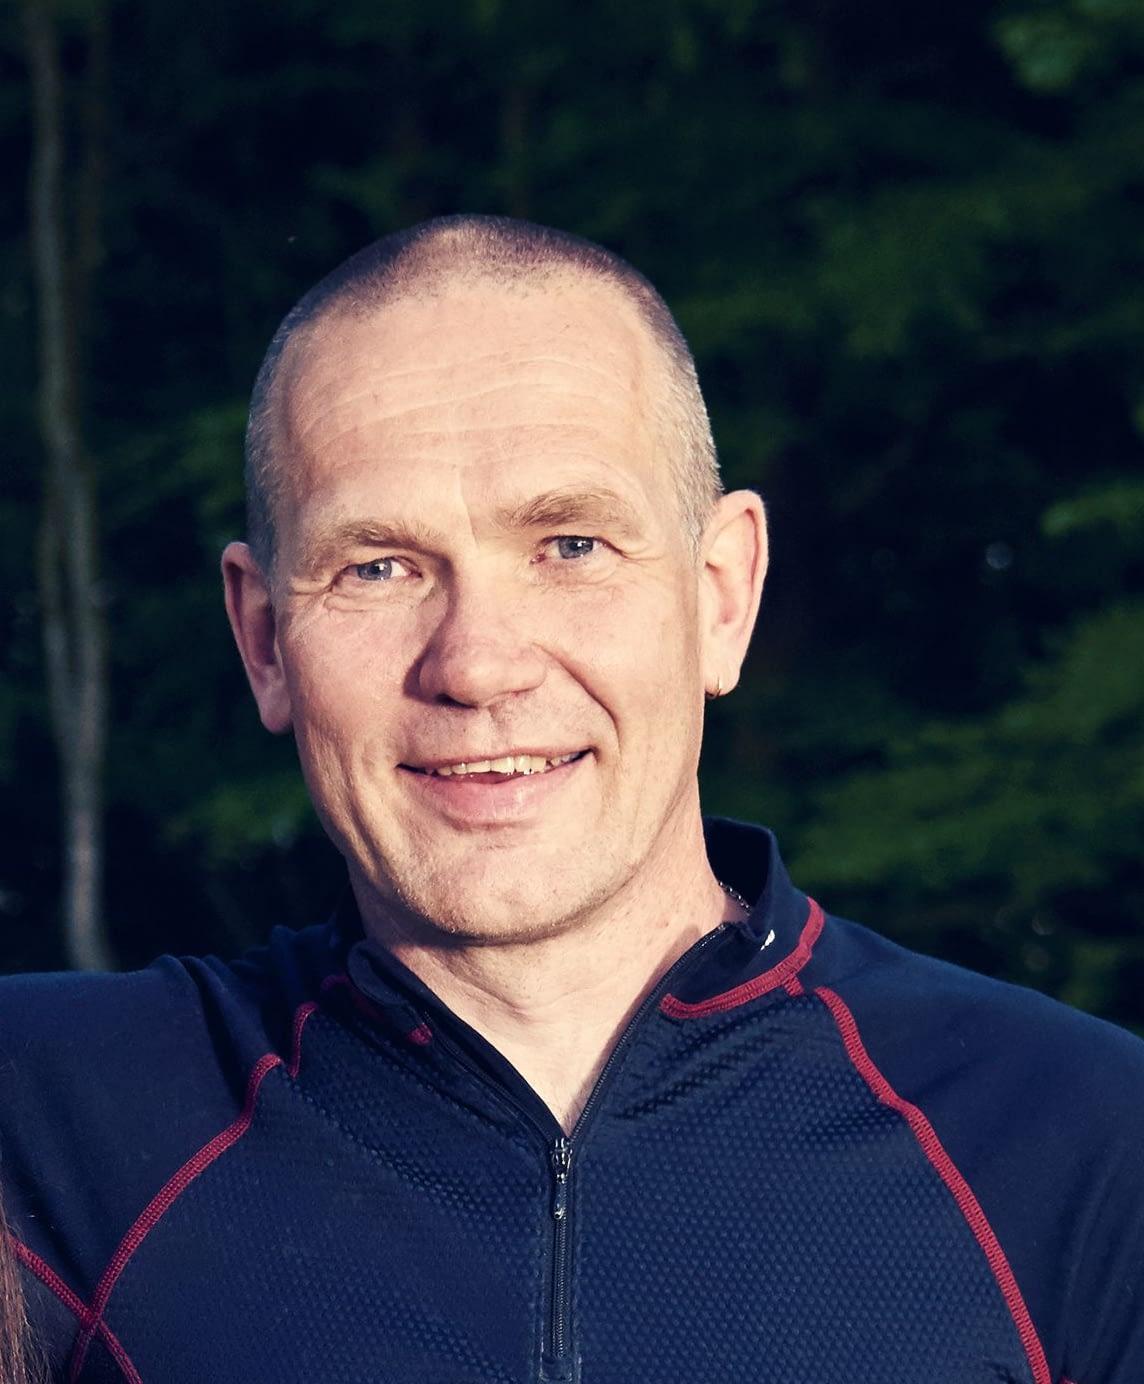 Allan Louring